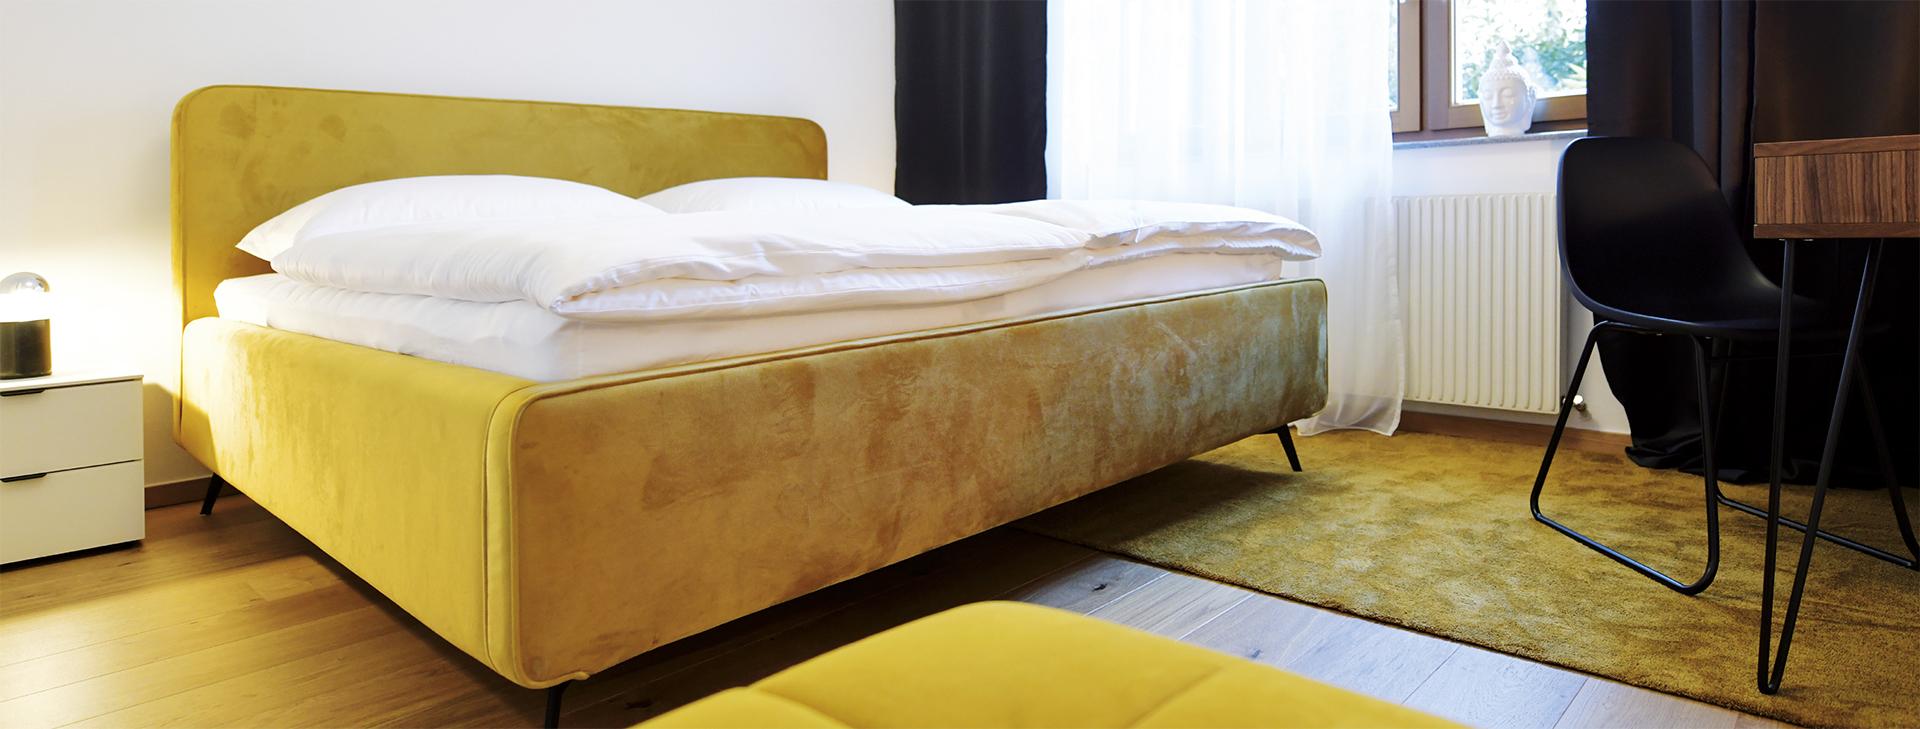 Doppelbett in Johannas Ferienwohnung